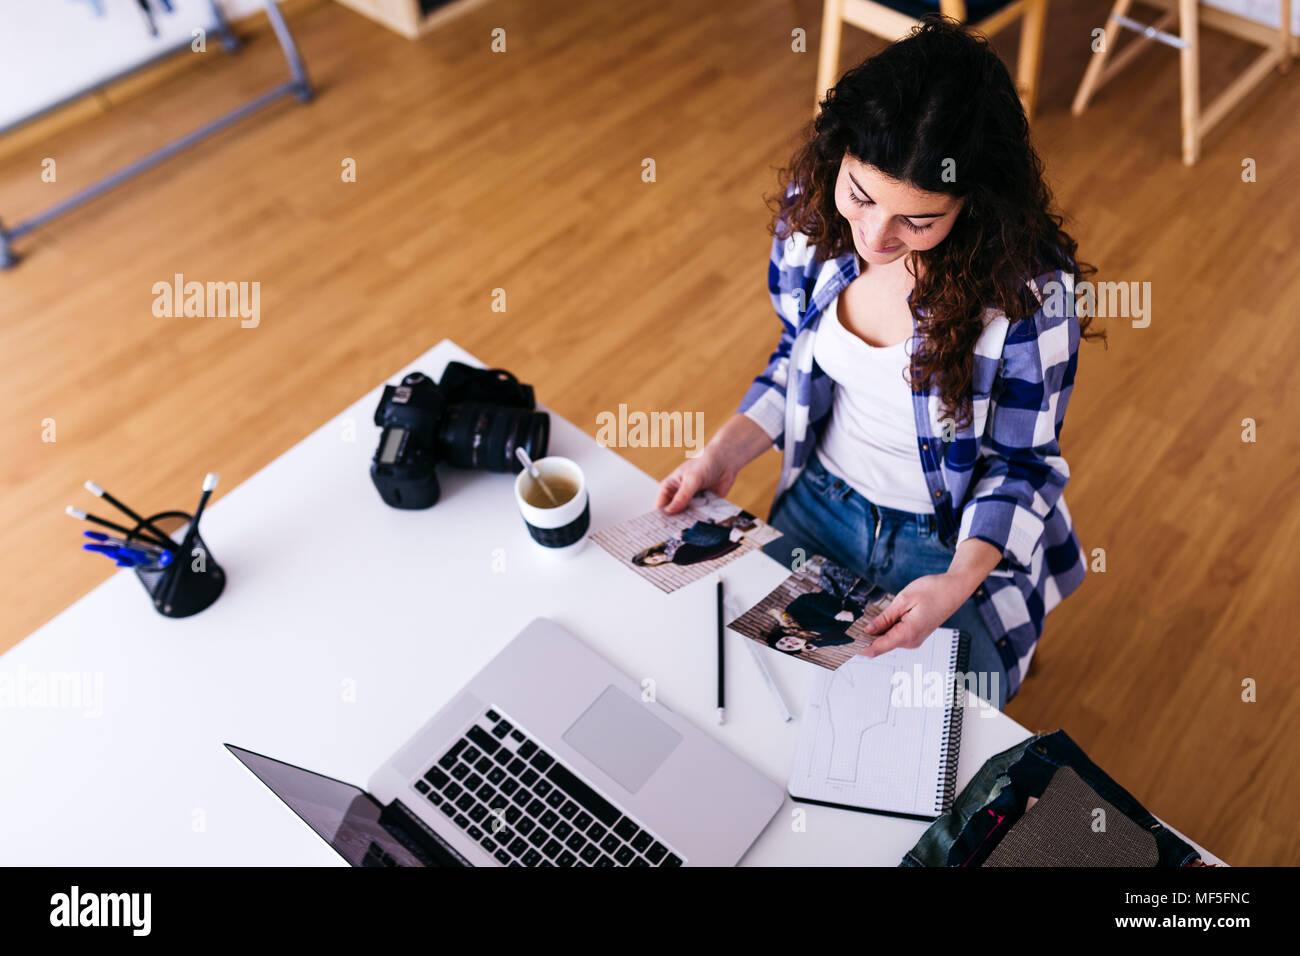 Diseñador de moda con laptop mirando fotos en studio Imagen De Stock